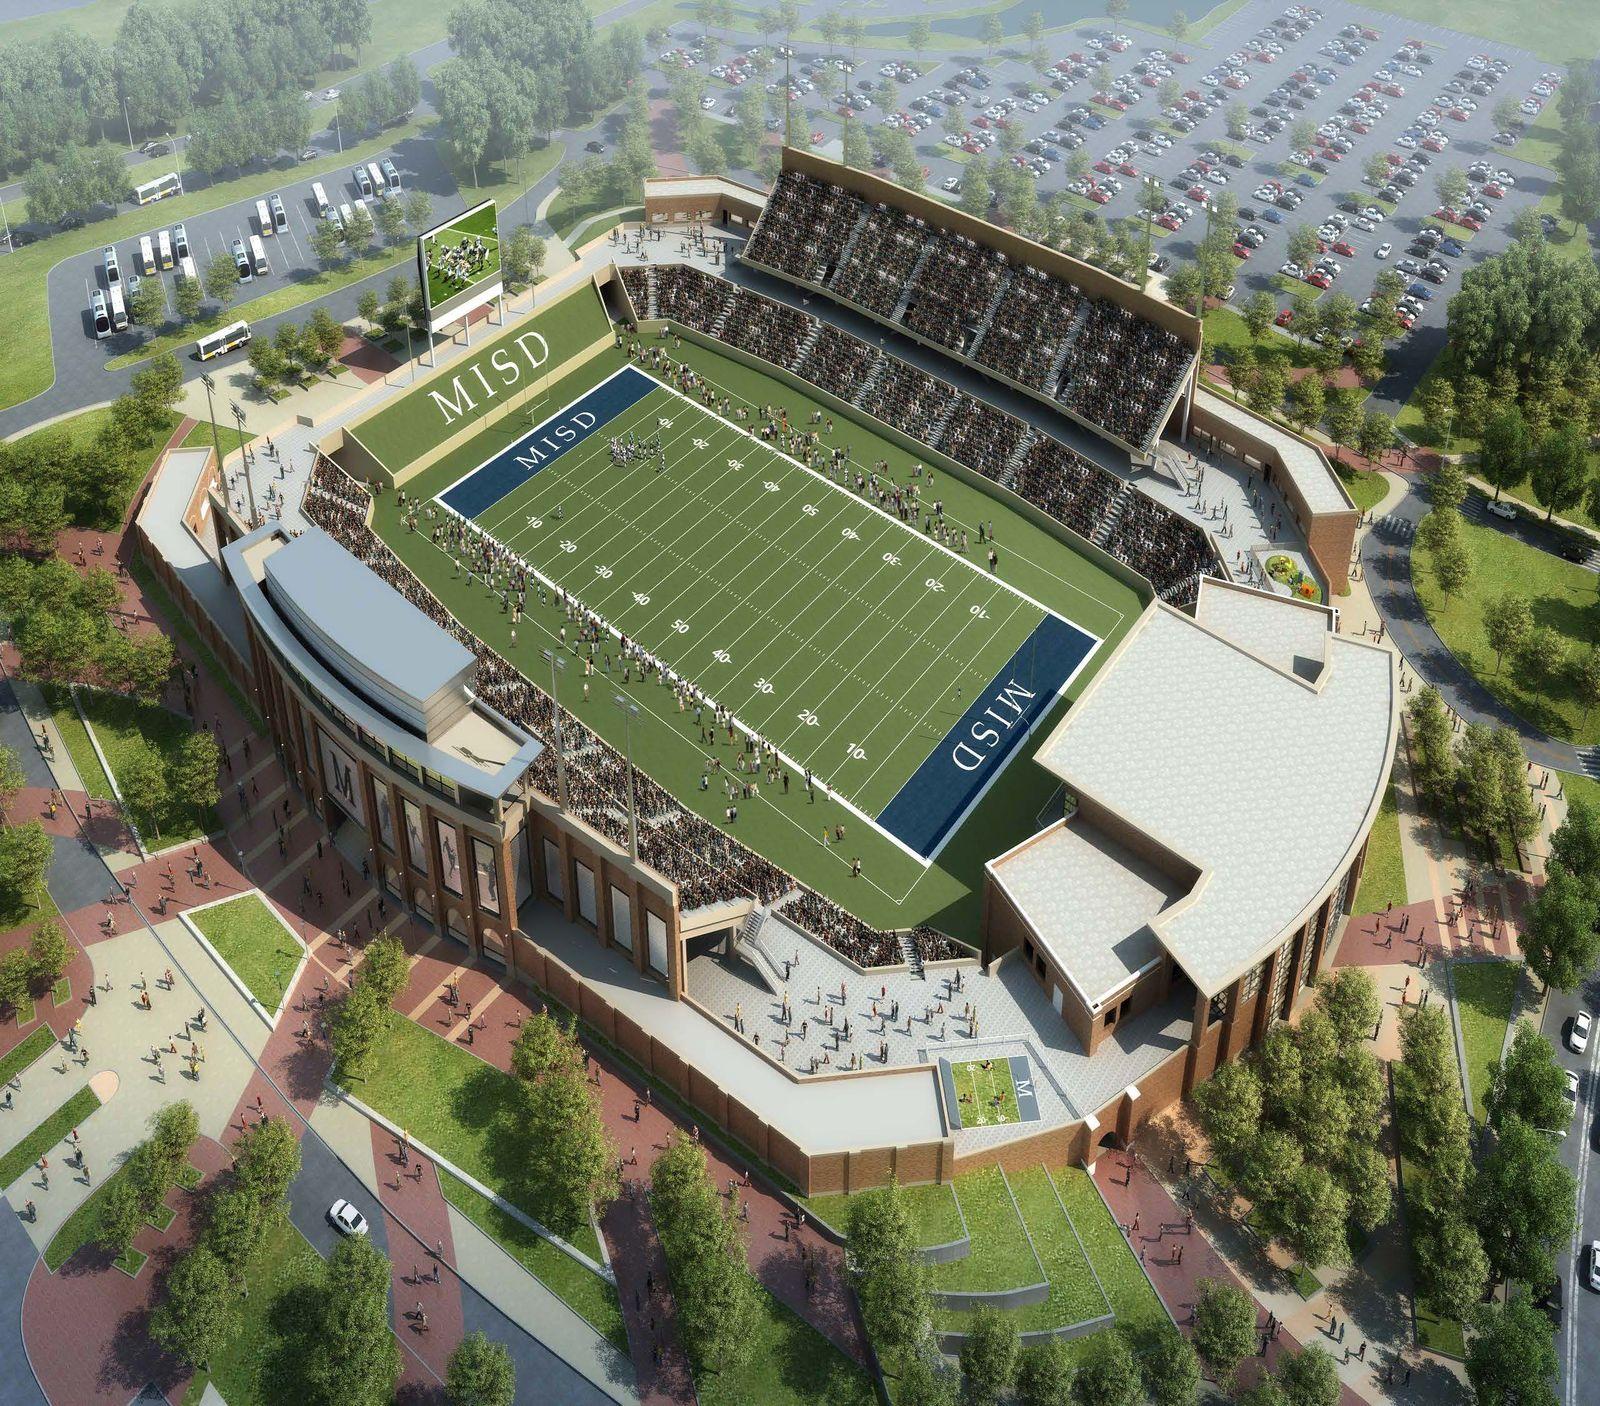 Warriors Proposed New Stadium Location: Design: McKinney ISD Stadium